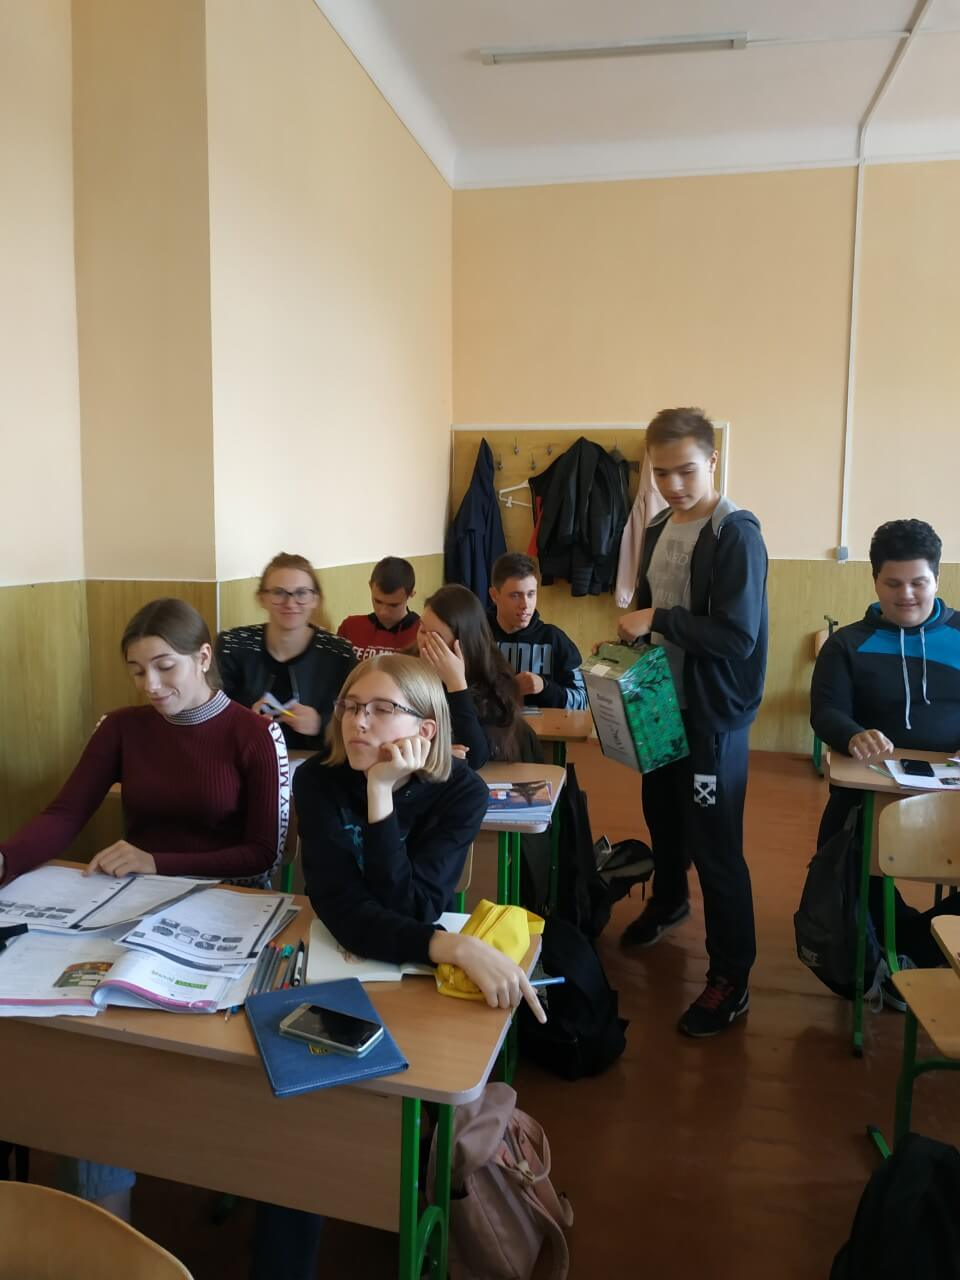 zobrazhennya viber 2019 09 25 16 09 593 - Вибори президента учнівського самоврядування